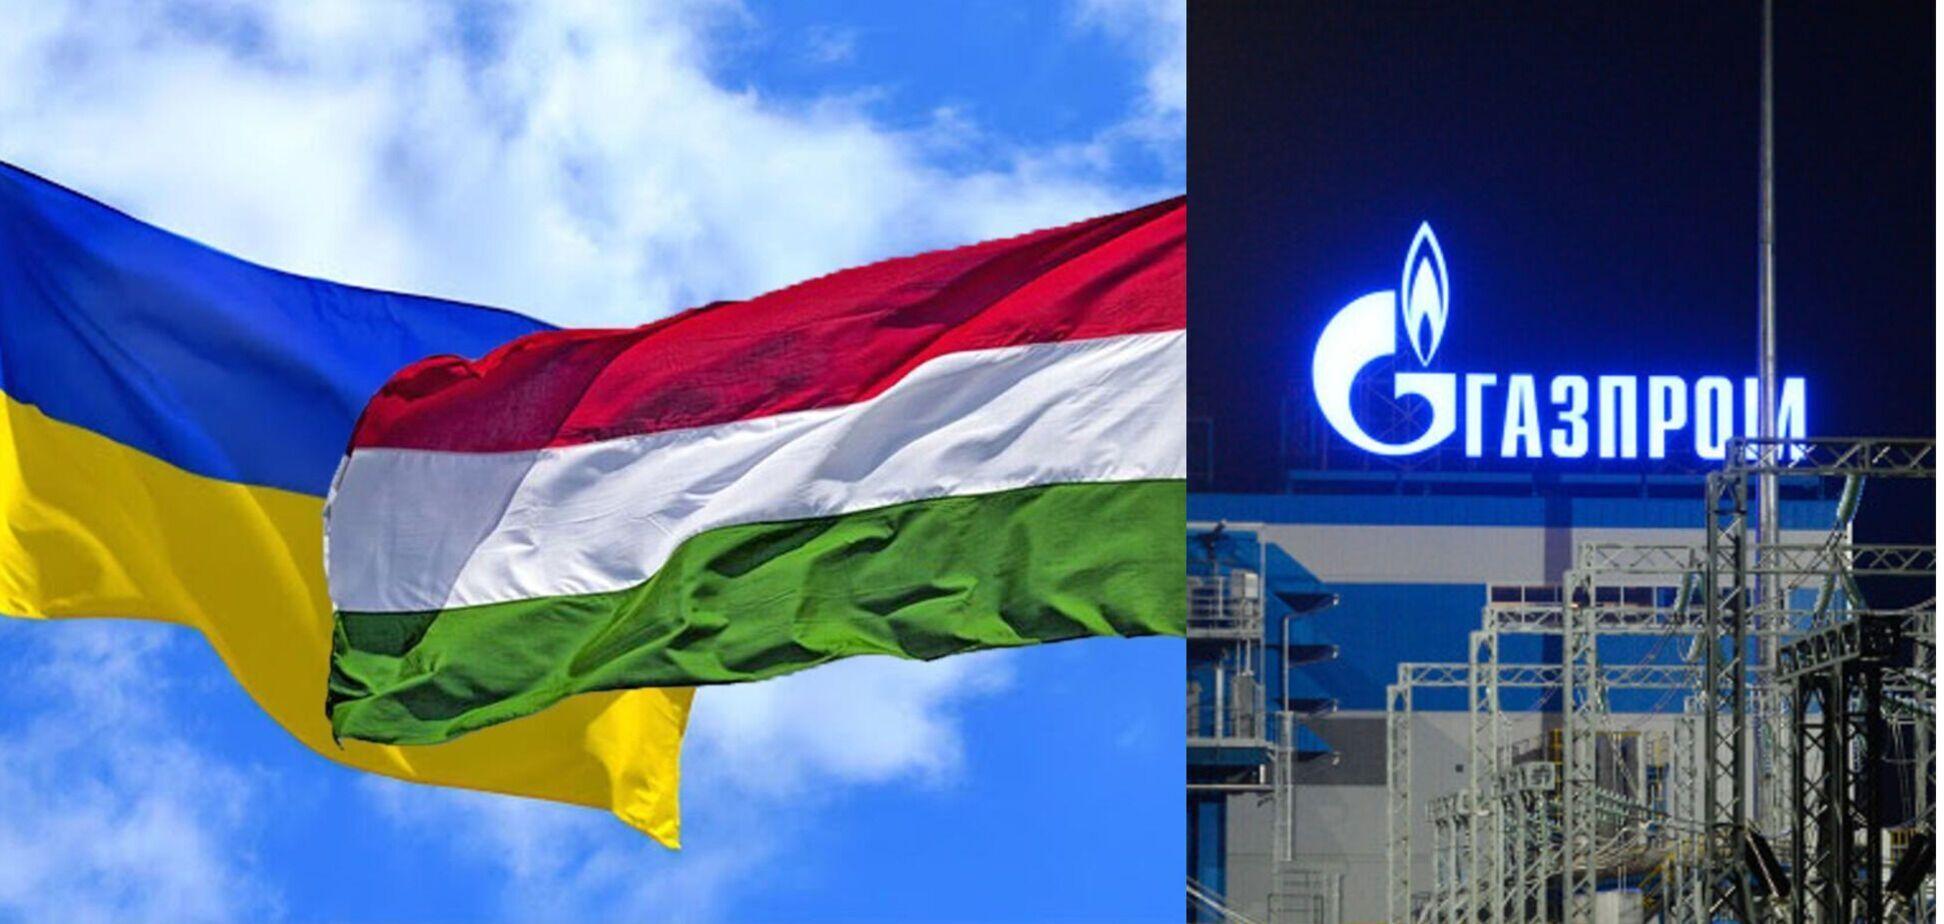 В Україні оцінили втрати від контракту між Угорщиною і РФ